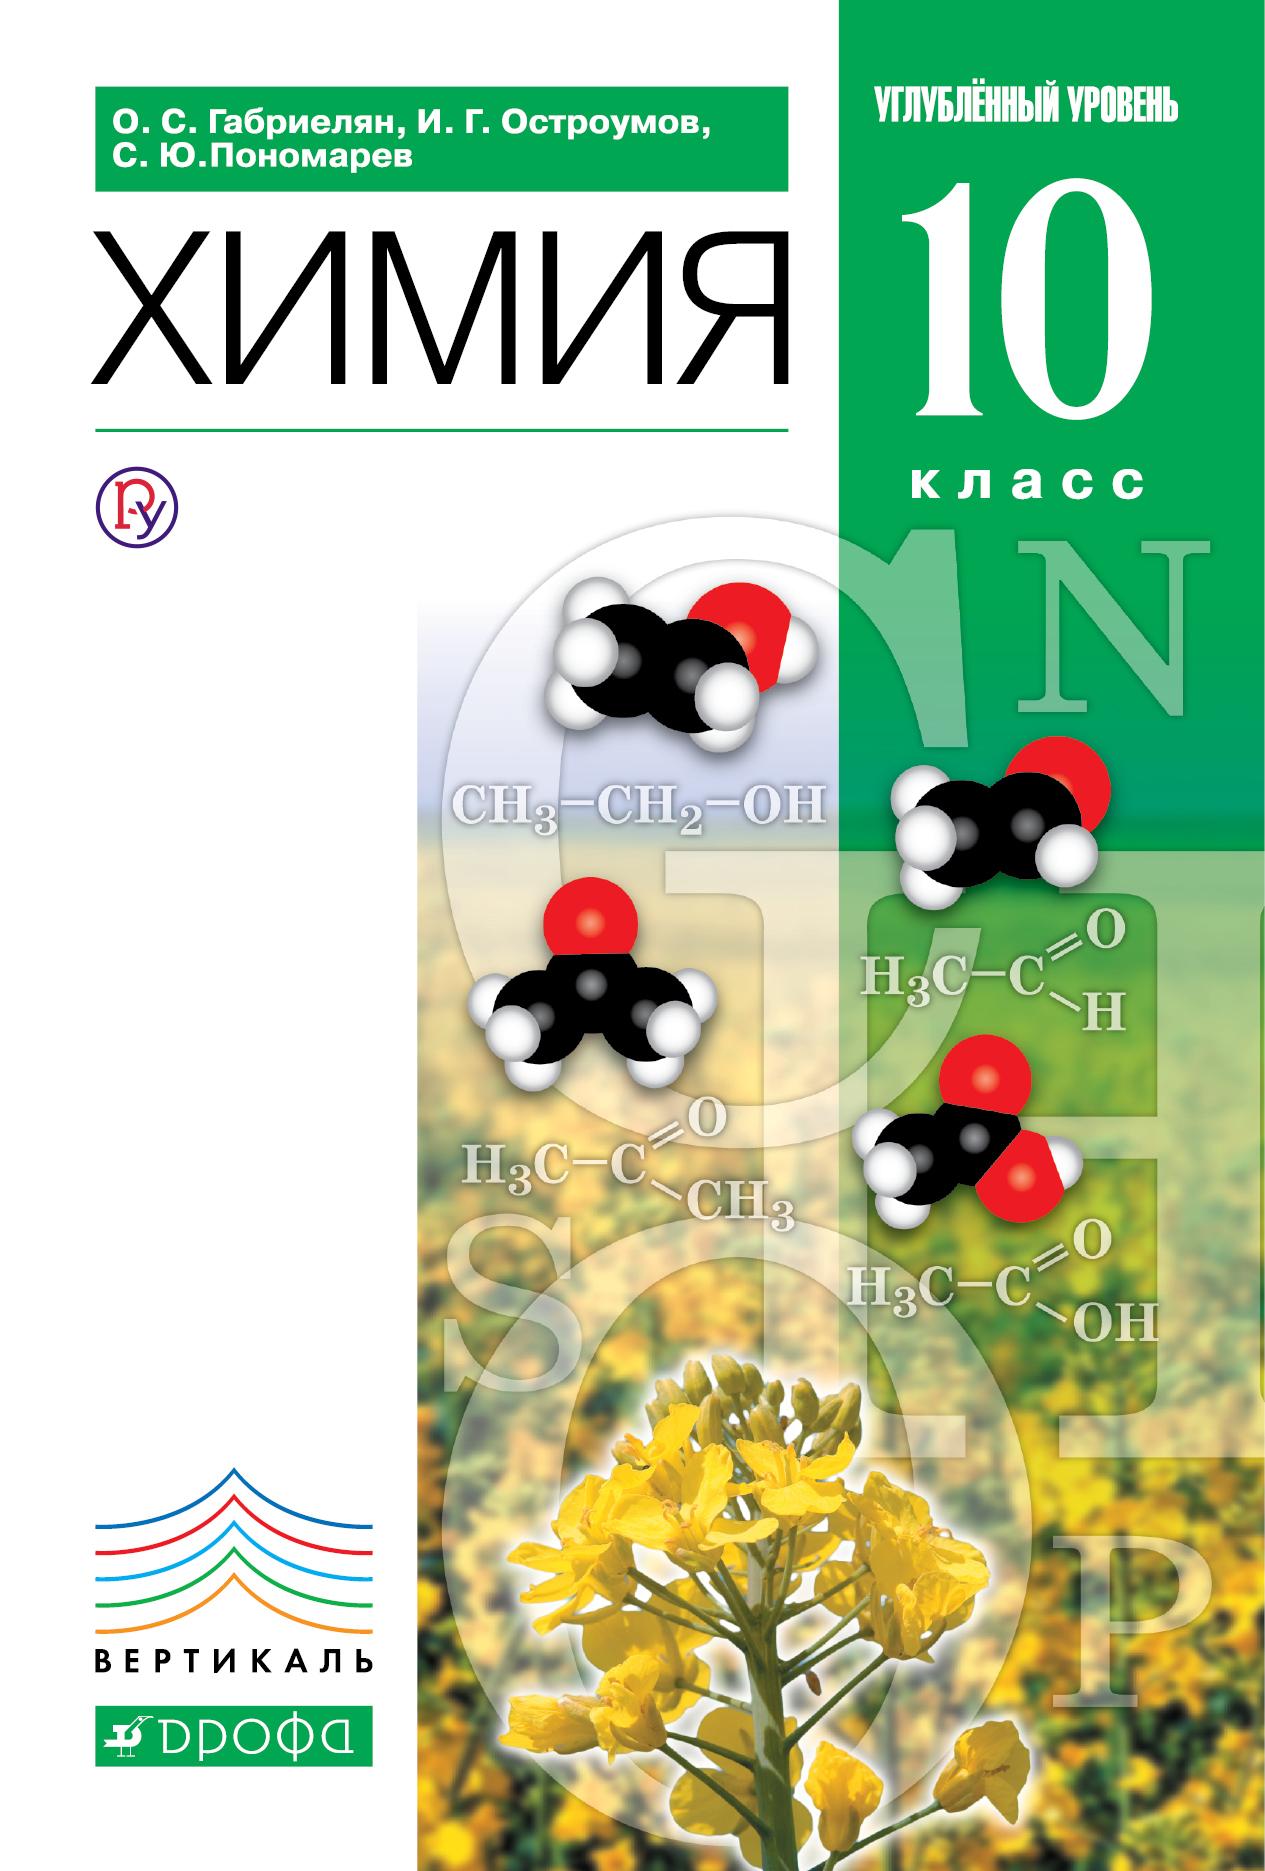 О. С. Габриелян Химия. Углубленный уровень. 10 класс габриелян о с химия 11 класс учебник углубленный уровень